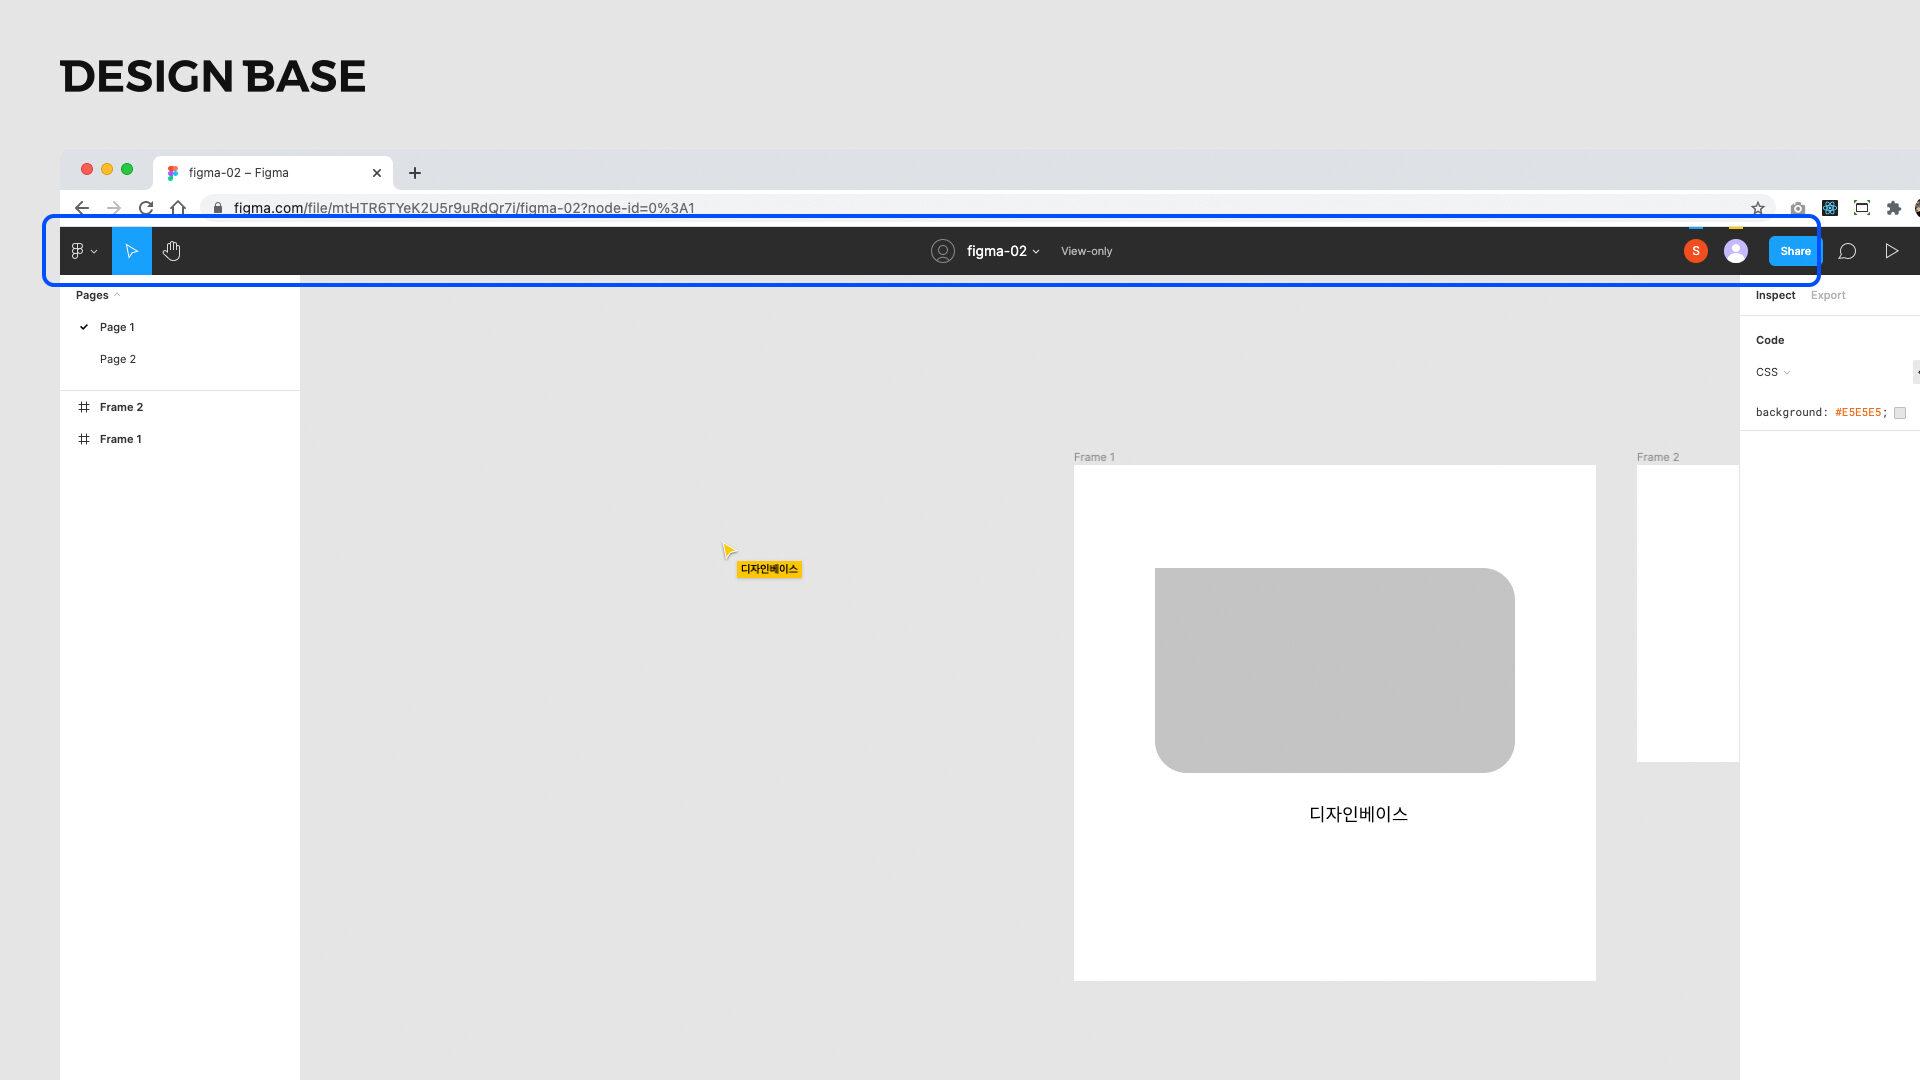 피그마 한 화면 안에서 실시간 공동 작업 기능을 통해 작업하는 화면입니다.